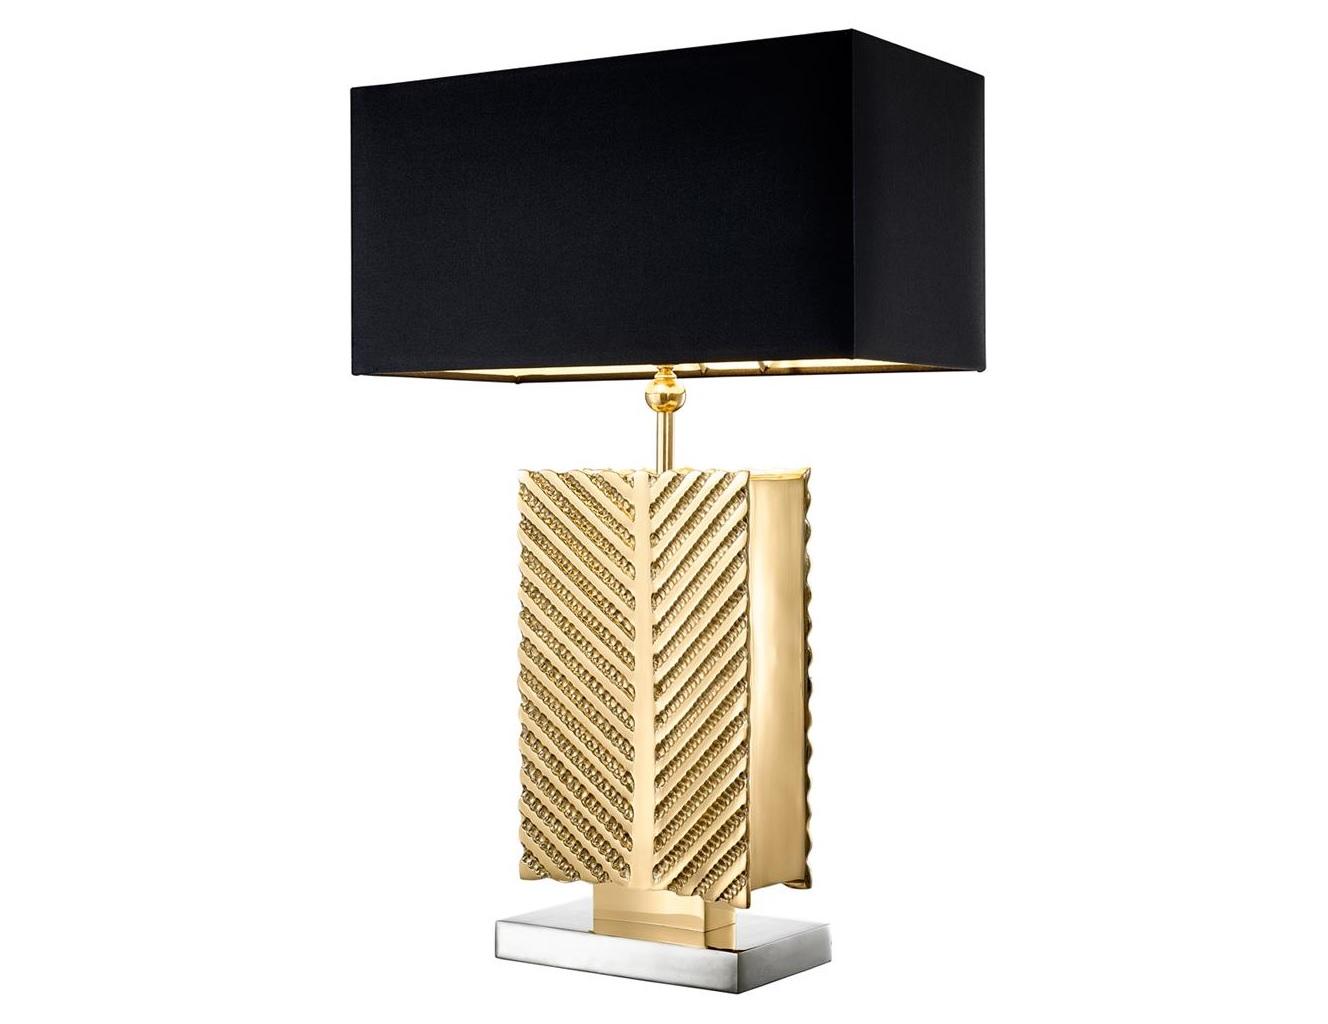 Настольная лампа Table Lamp MatignonДекоративные лампы<br>&amp;lt;div&amp;gt;Вид цоколя: E27&amp;lt;br&amp;gt;&amp;lt;/div&amp;gt;&amp;lt;div&amp;gt;&amp;lt;div&amp;gt;Мощность: 40W&amp;lt;/div&amp;gt;&amp;lt;div&amp;gt;Количество ламп: 1 (нет в комплекте)&amp;lt;/div&amp;gt;&amp;lt;/div&amp;gt;<br><br>Material: Металл<br>Width см: 40<br>Depth см: 21<br>Height см: 61,5